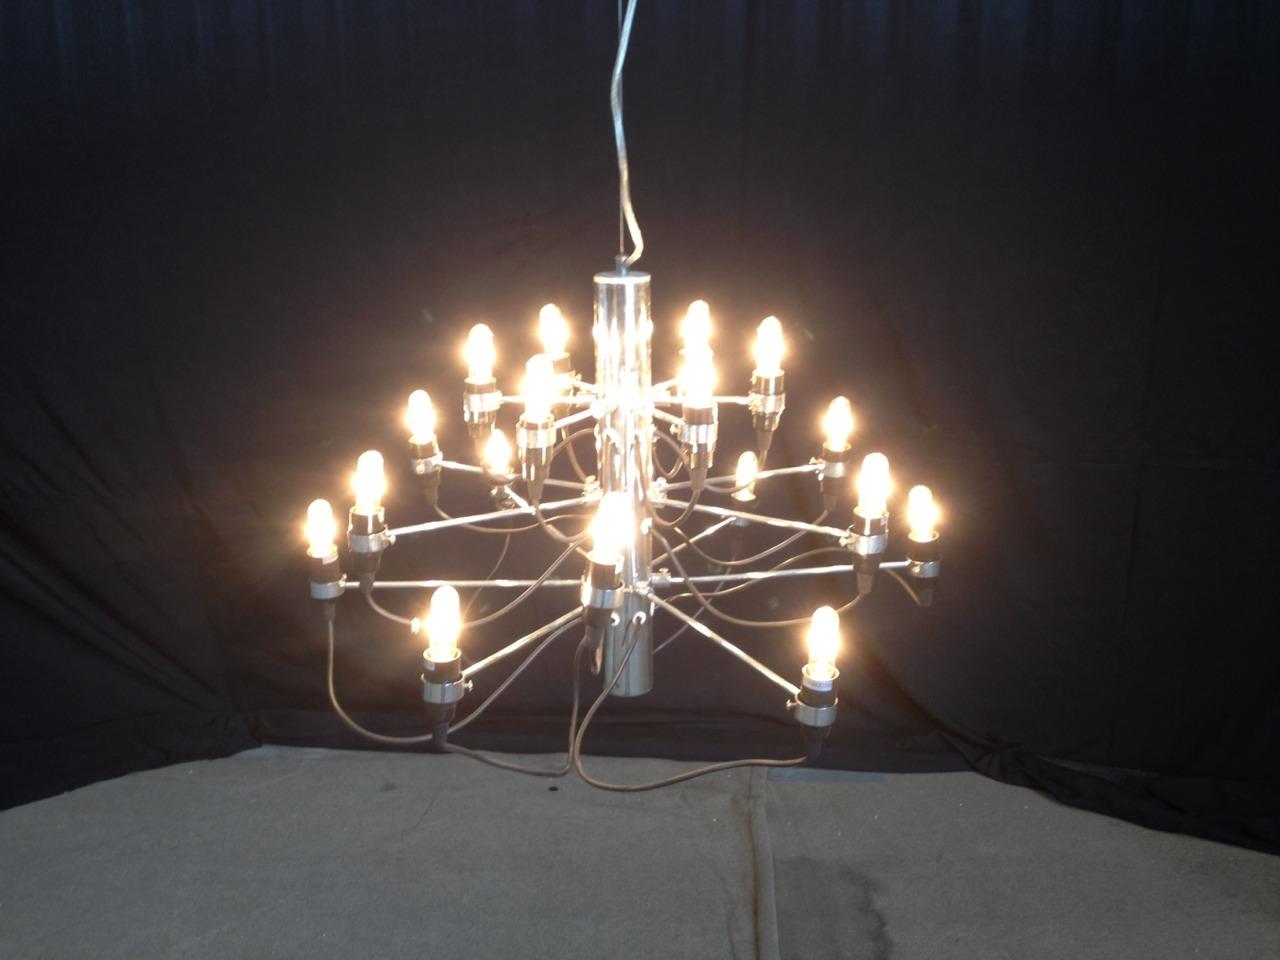 มีโคมไฟสวย ๆ เคลียสต๊อคในราคาต่ำกว่าทุนถูกมาก ๆ ค่ะ